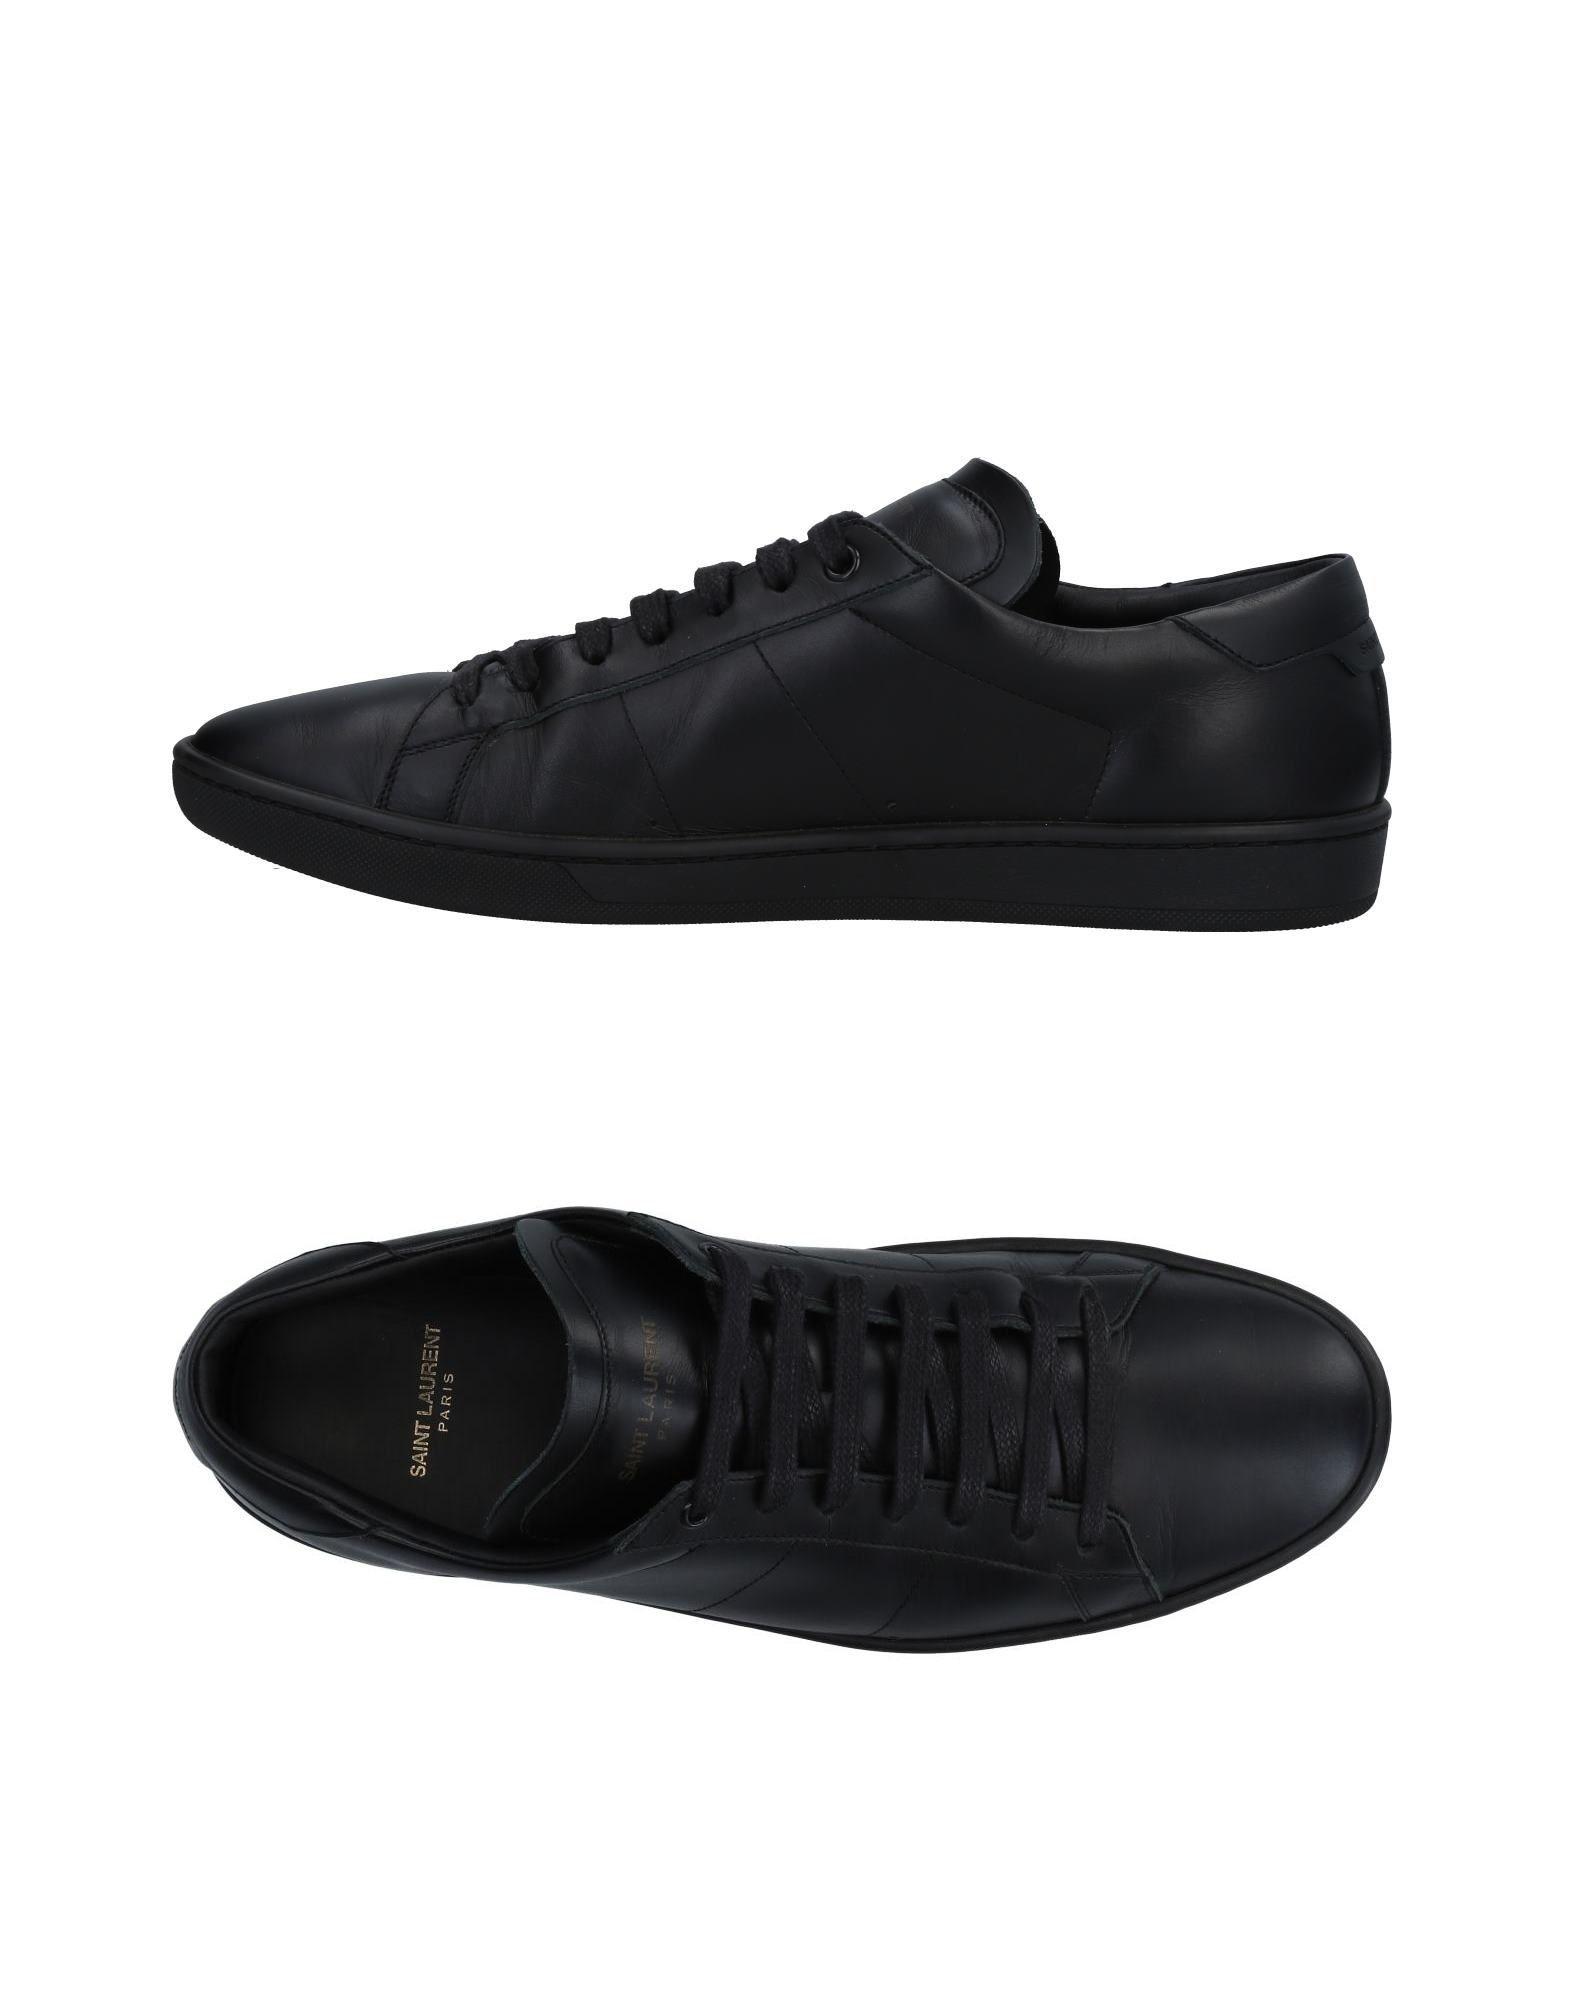 Saint Laurent Sneakers Herren  11477362WK Gute Qualität beliebte Schuhe